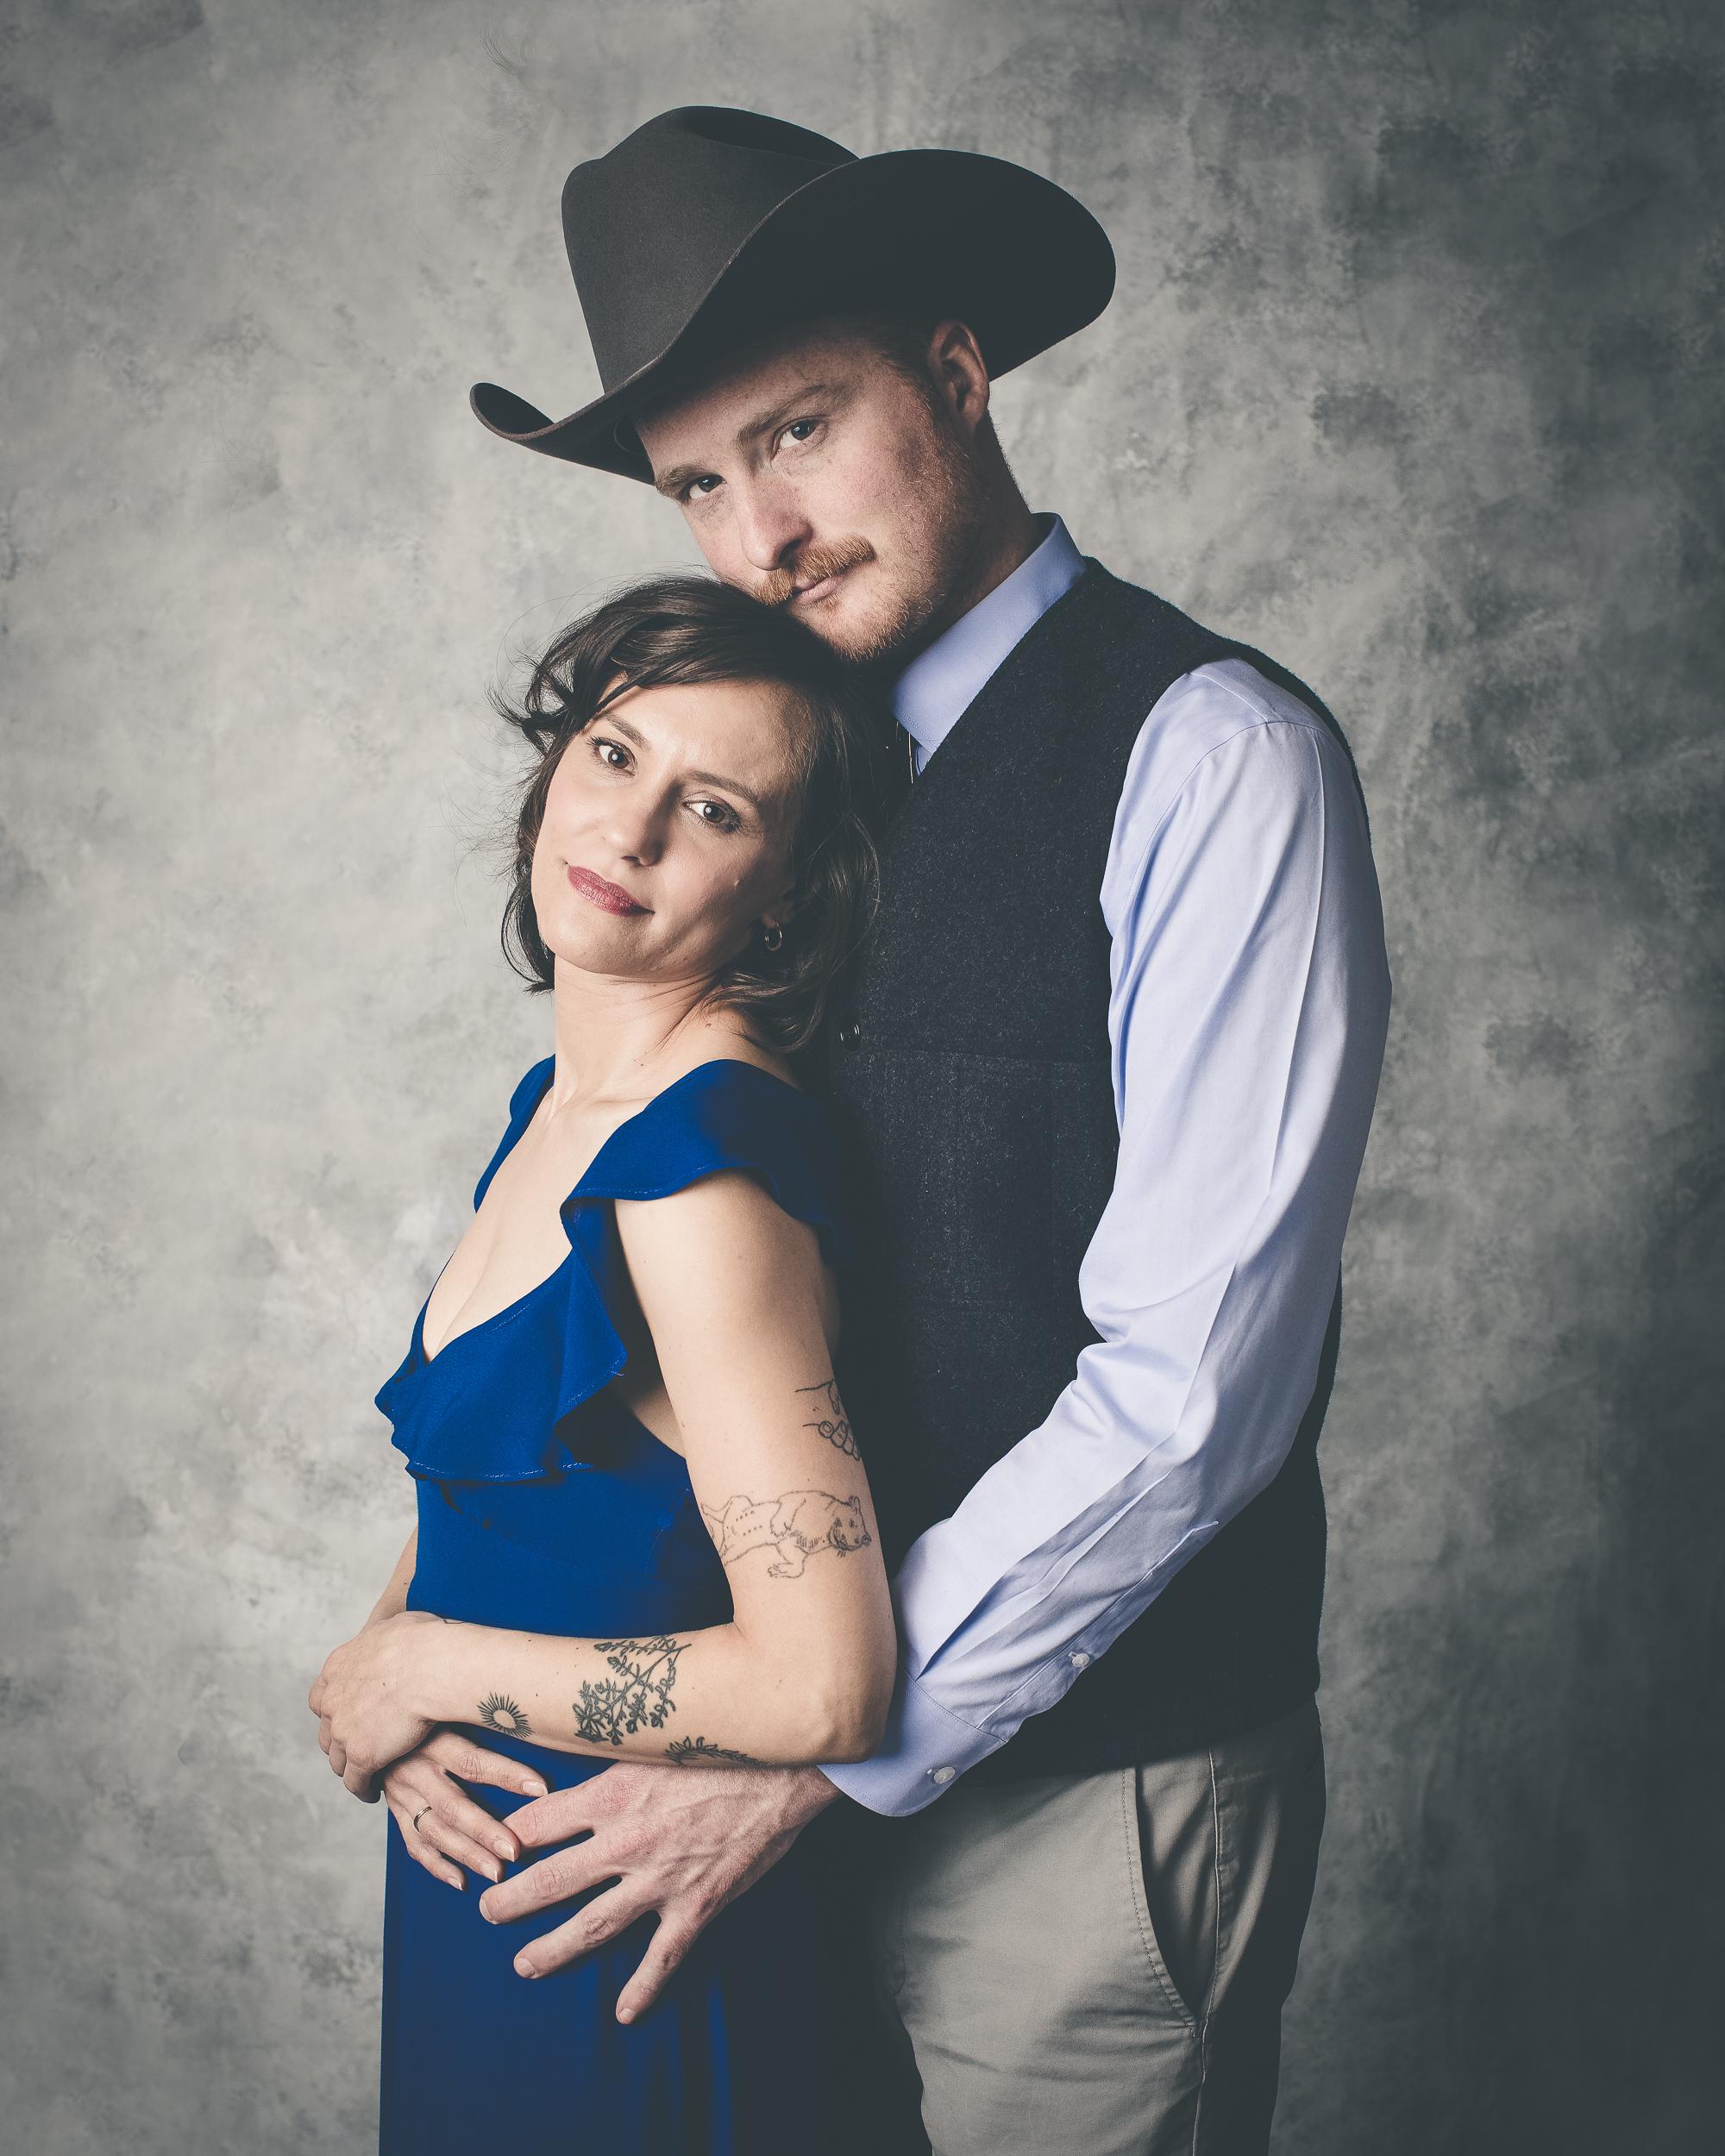 couple-studio-portrait-cowboy-hat.jpg